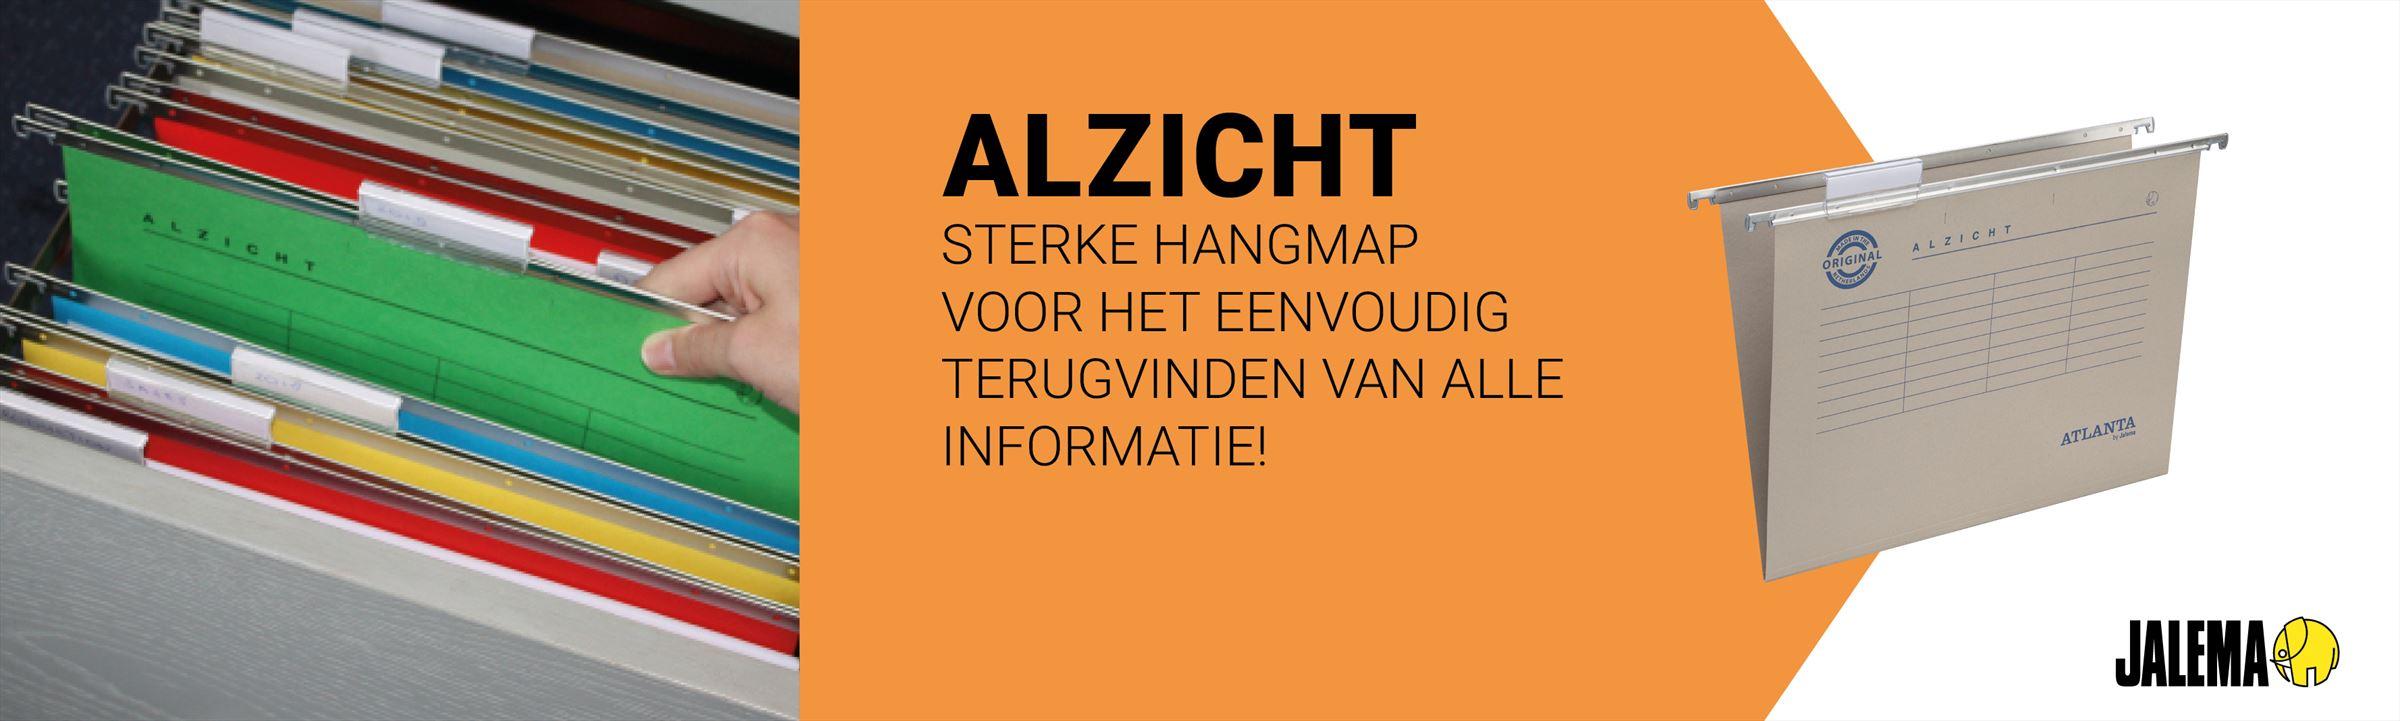 Kantoorartikelen - reclame banner 3